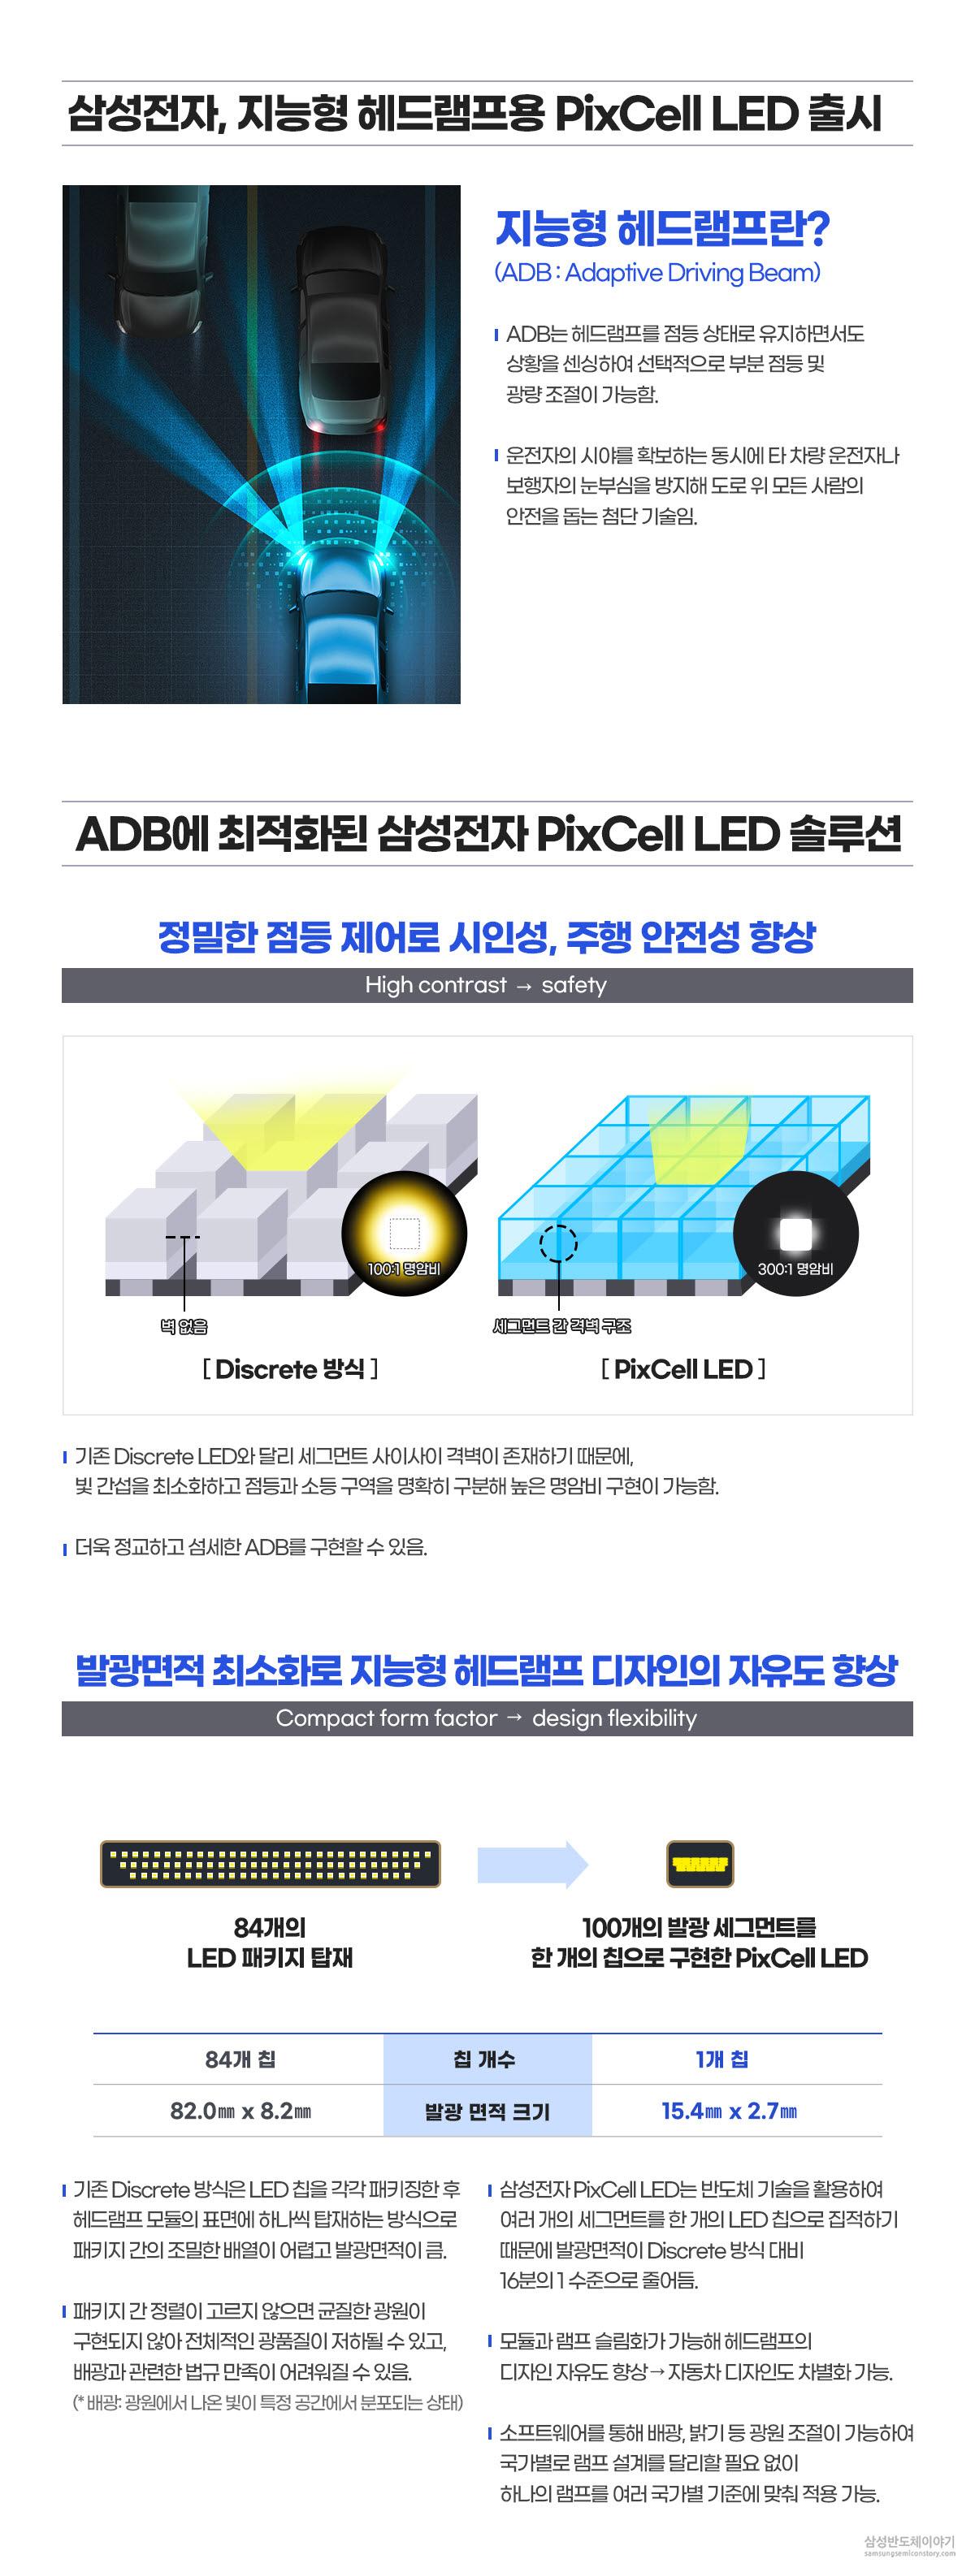 삼성전자, 지능형 헤드램프용 PixCell LED 출시